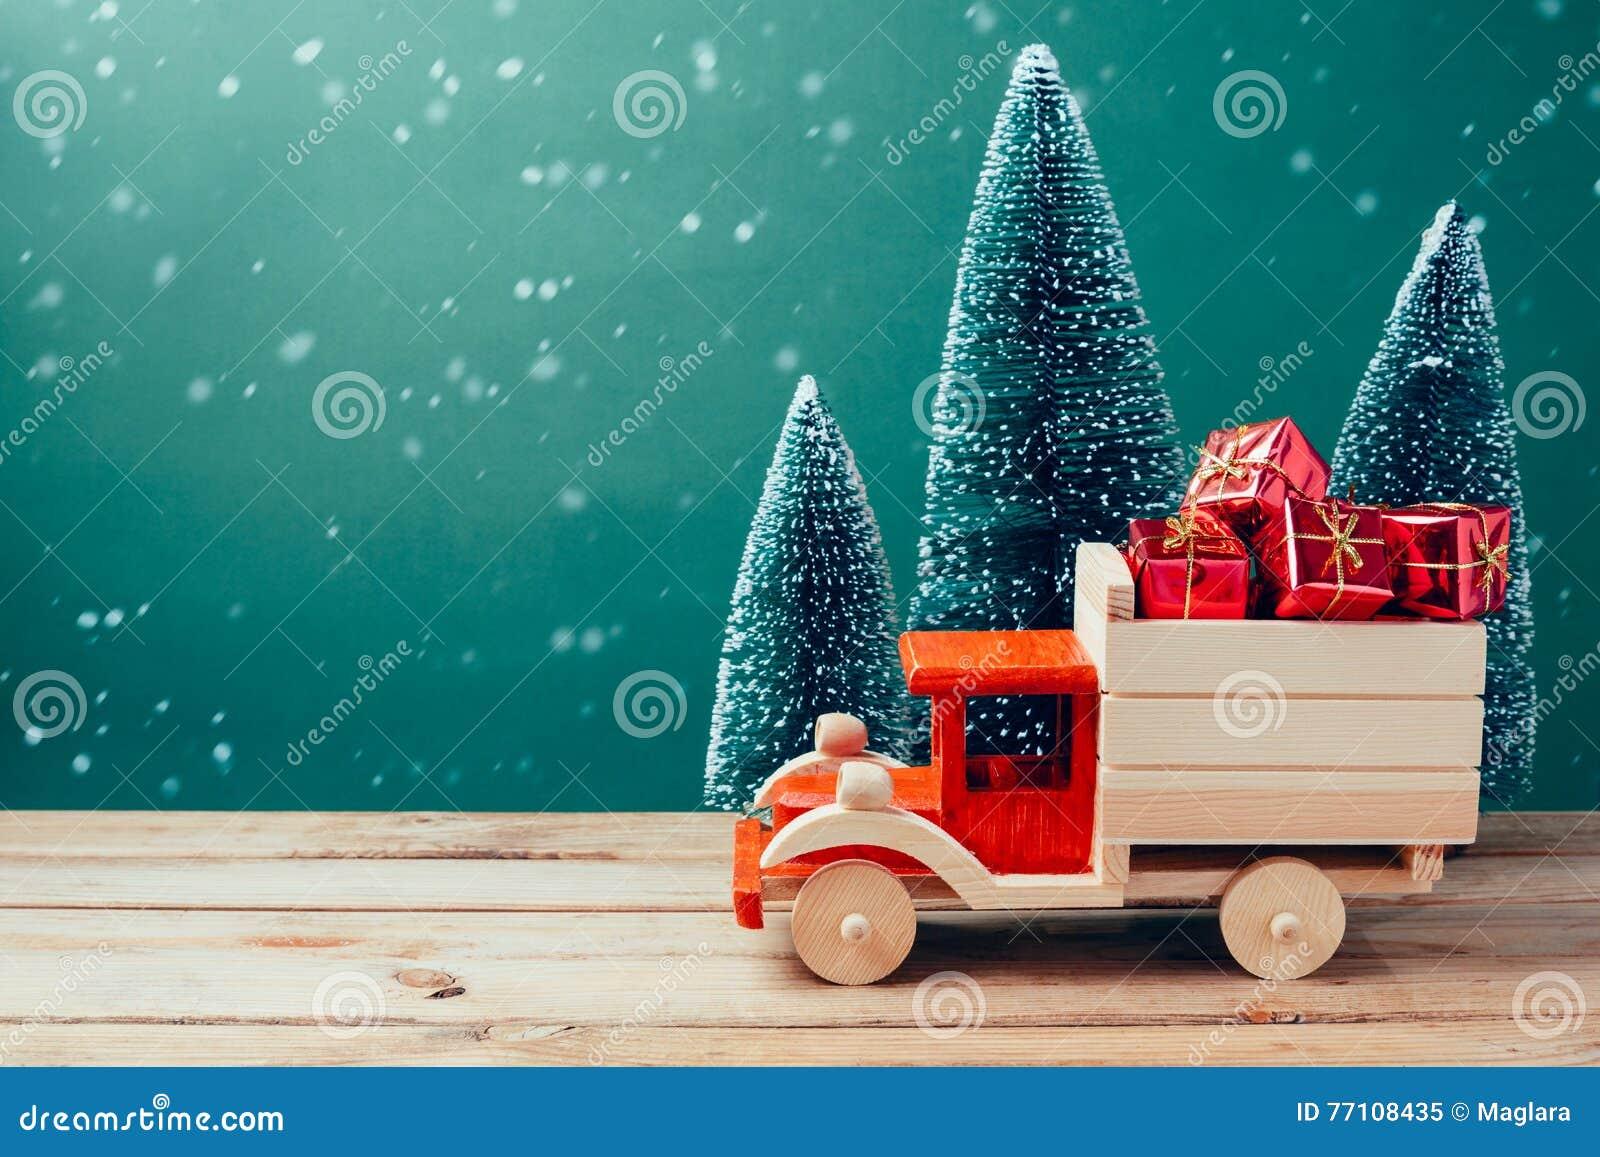 La De Regalo Navidad Con Camión Las Cajas Juguete Del Y Árbol wPn08OkX